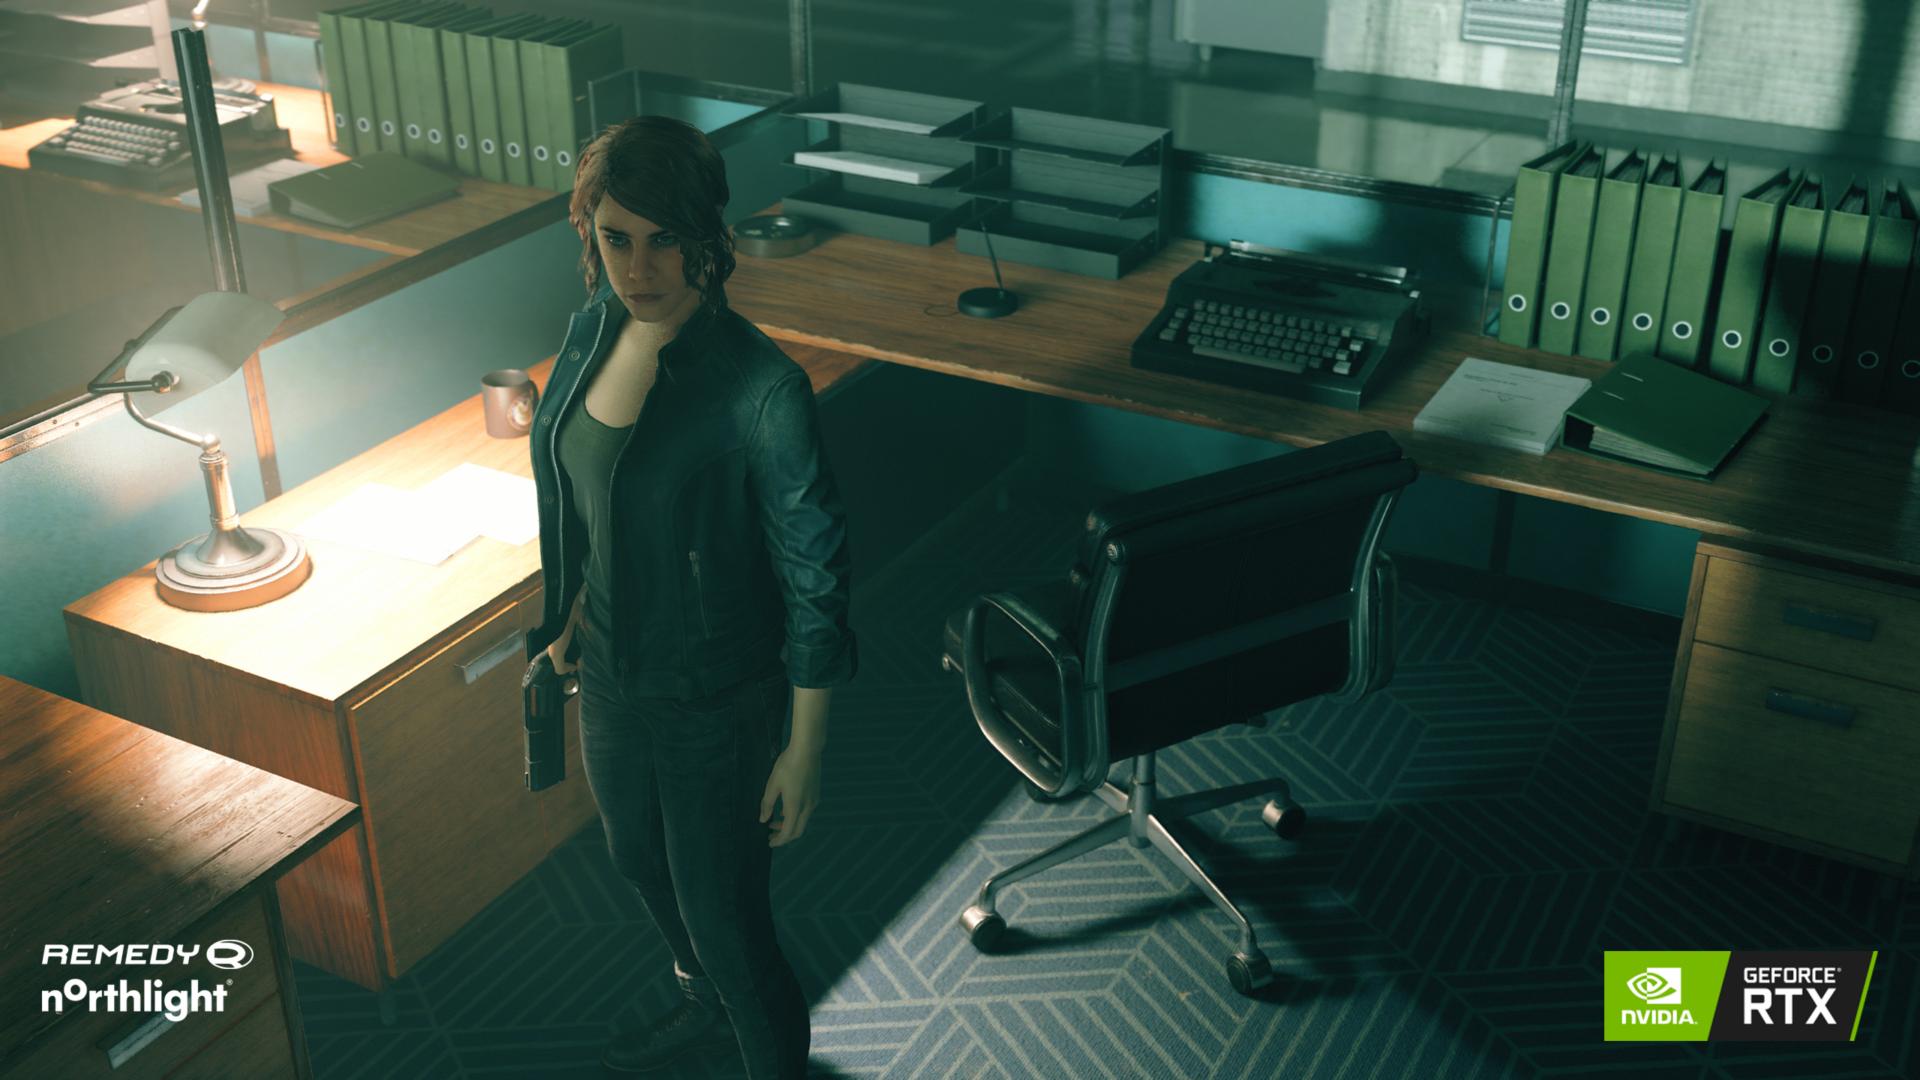 Remedy dice que por ahora solo pueden entregar 1080p a 40FPS con Nvidia RTX en su nuevo juego